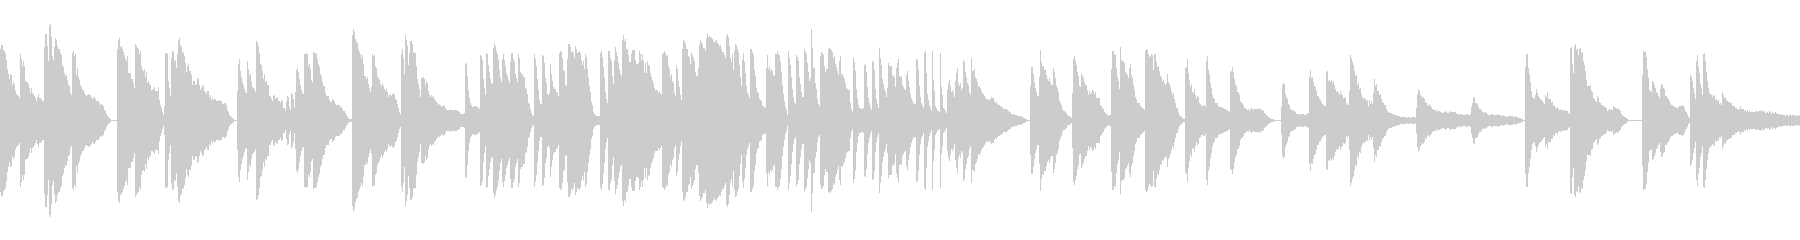 ピアノを使ったゆったりした曲の未再生の波形